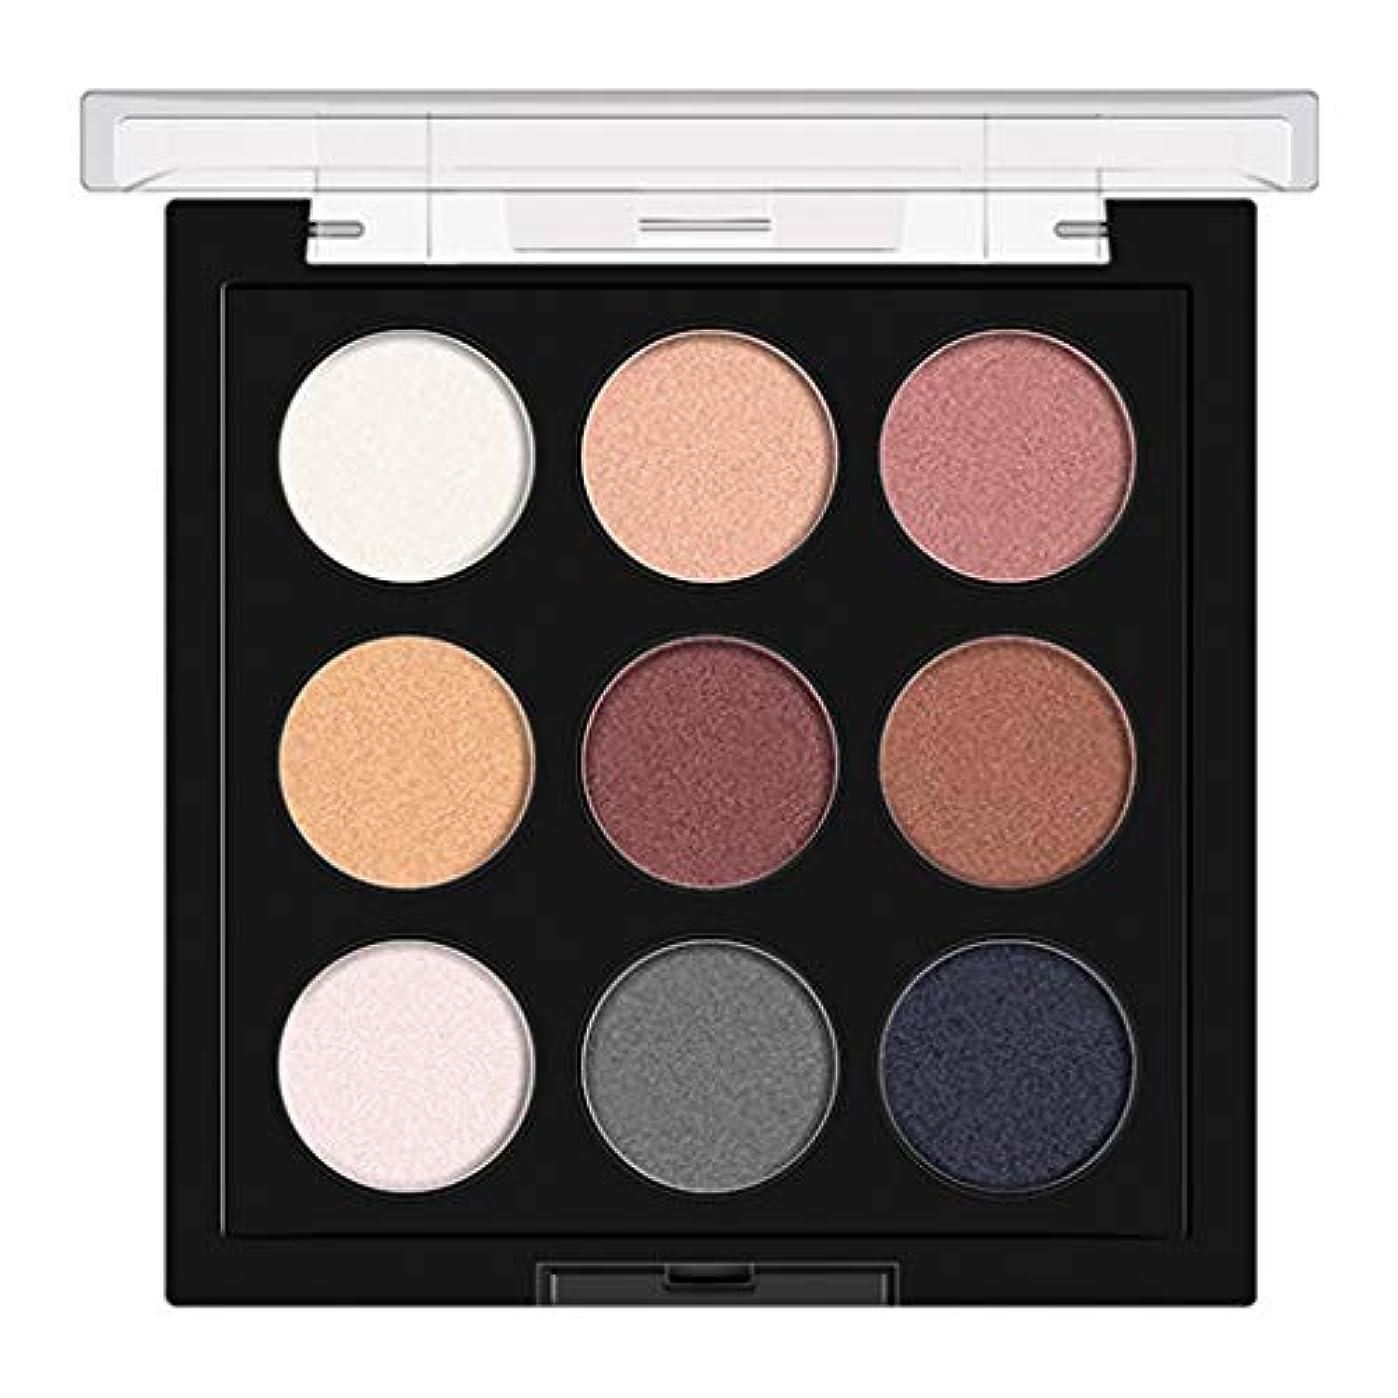 デジタル苦痛まばたきGOOD lask 9色のアイシャドウディッシュ、化粧茶色マットパールライトアイシャドウ、持ち運びが容易、明るい目、アイシャドウパウダー、美しい自然な三次元化粧アイシャドウ (A)